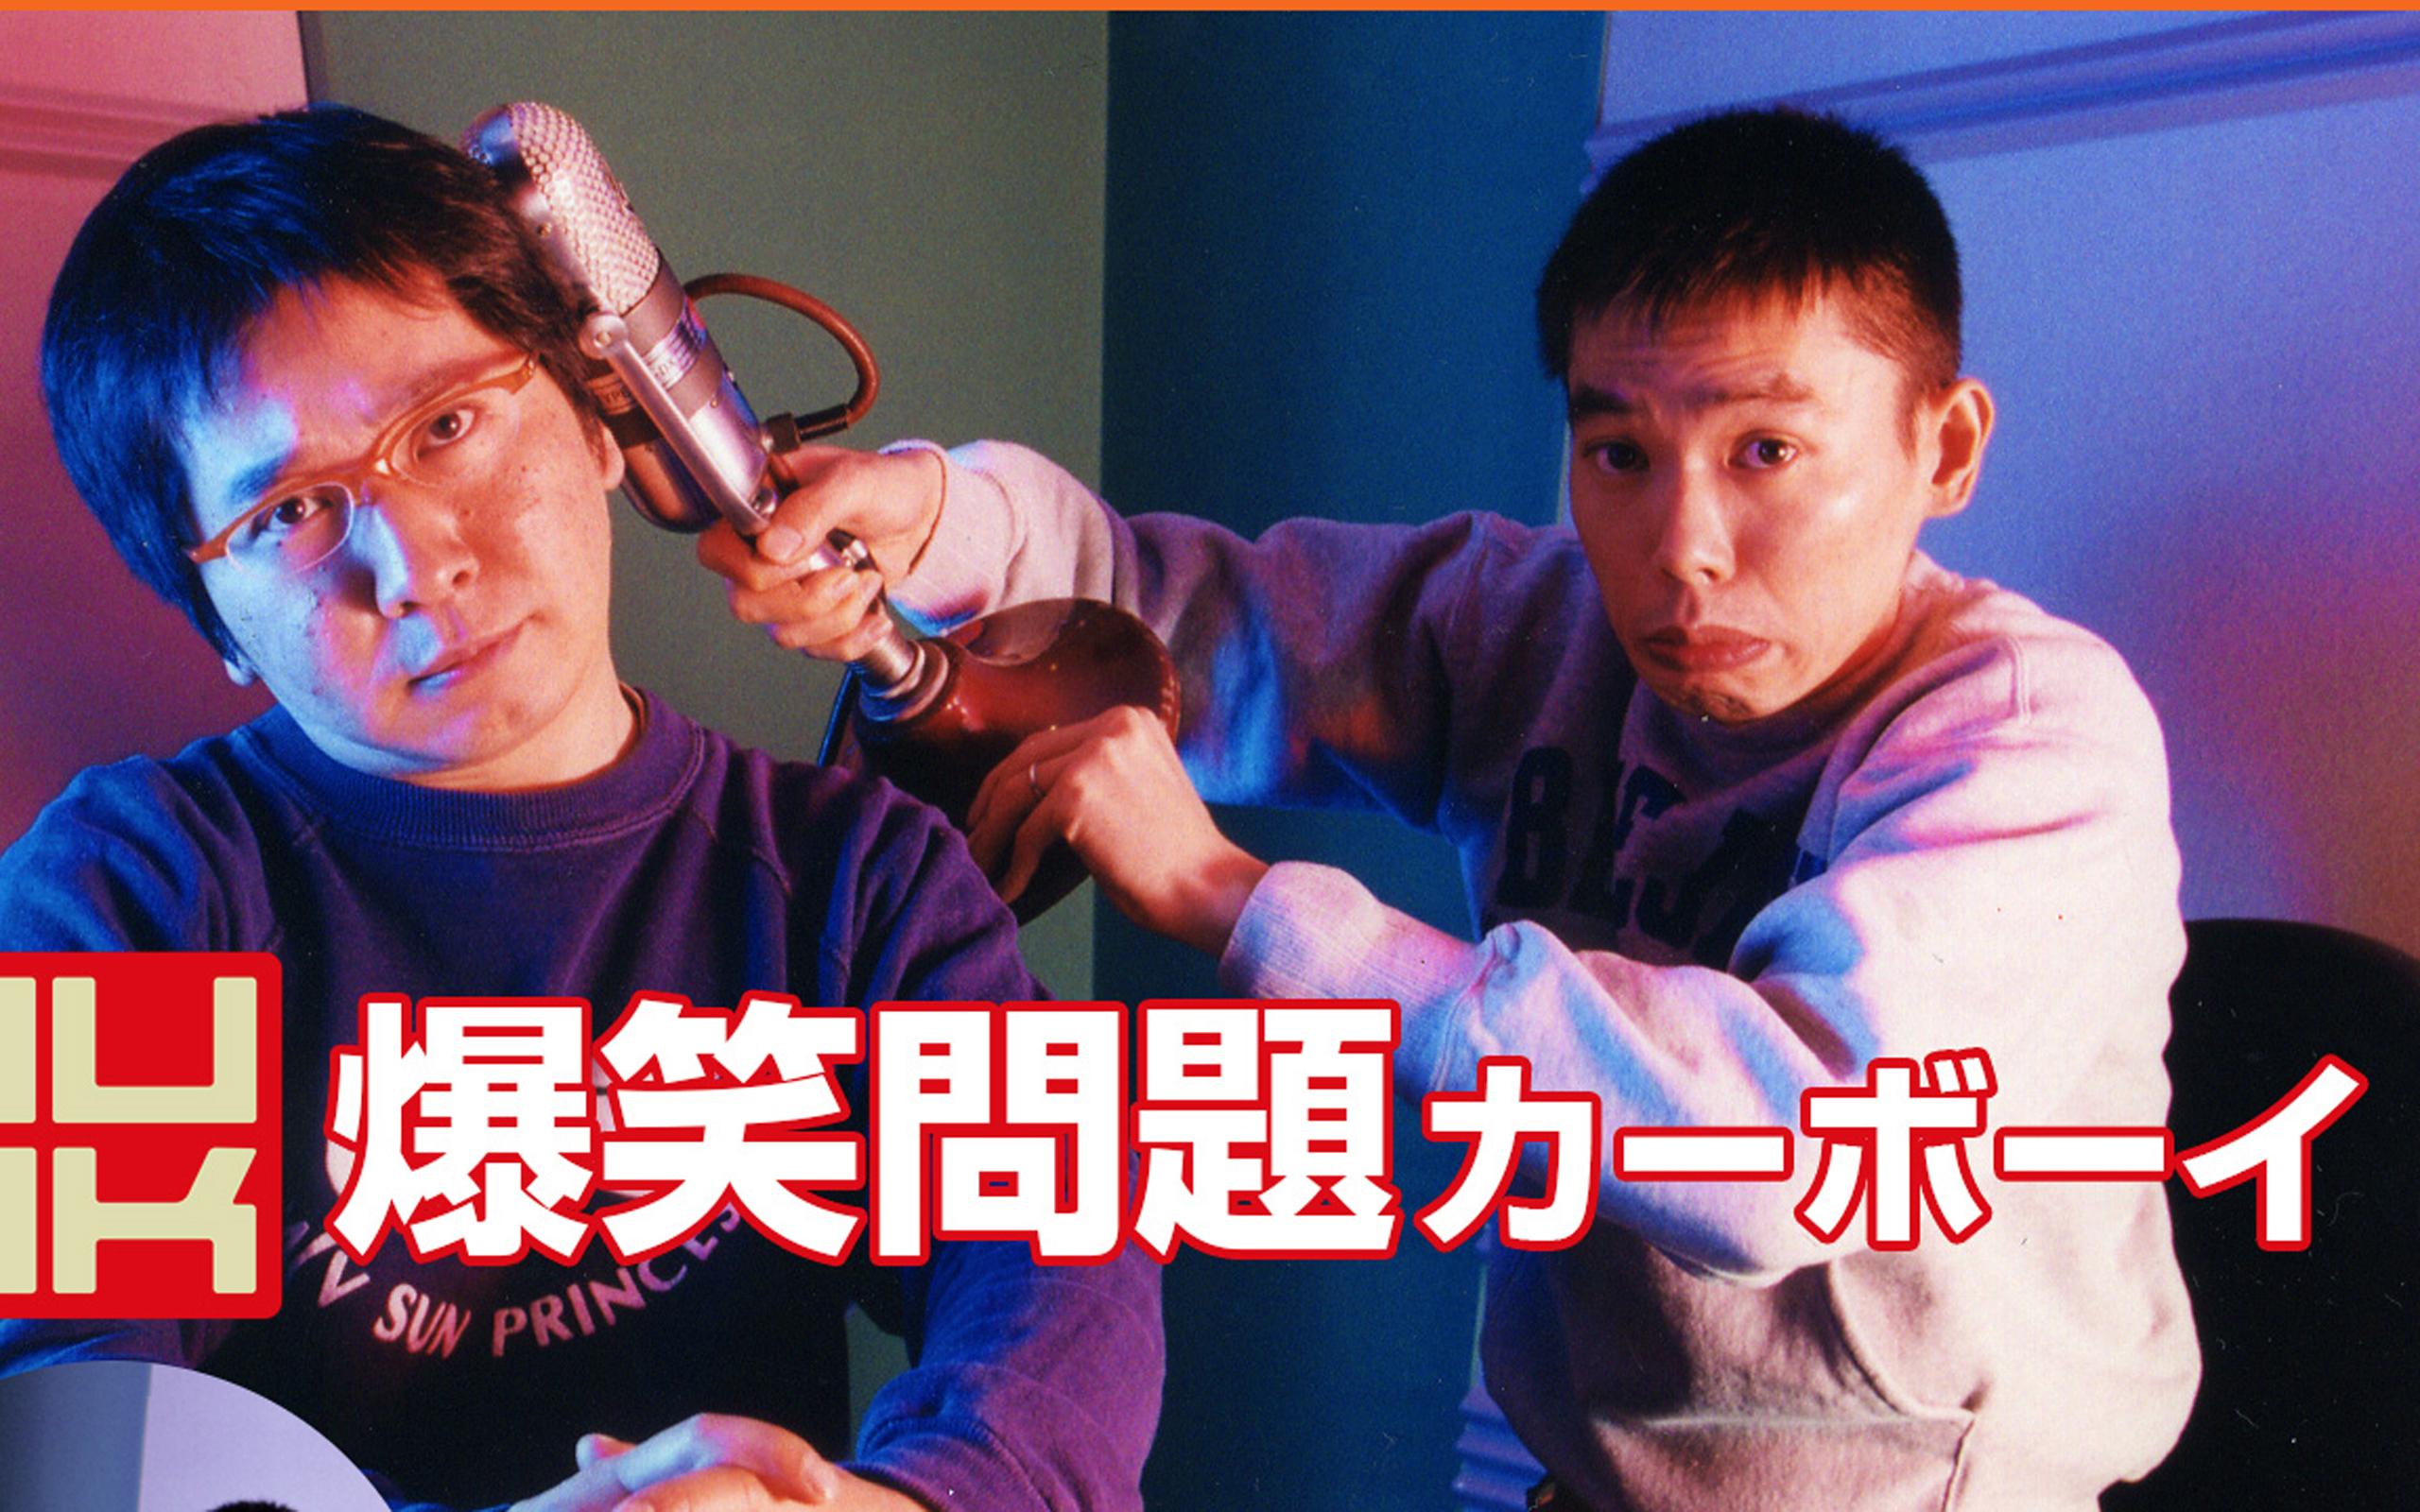 爆笑・太田光、度が過ぎる奇行にスタッフ&客&共演者が大迷惑…オンエアもできず